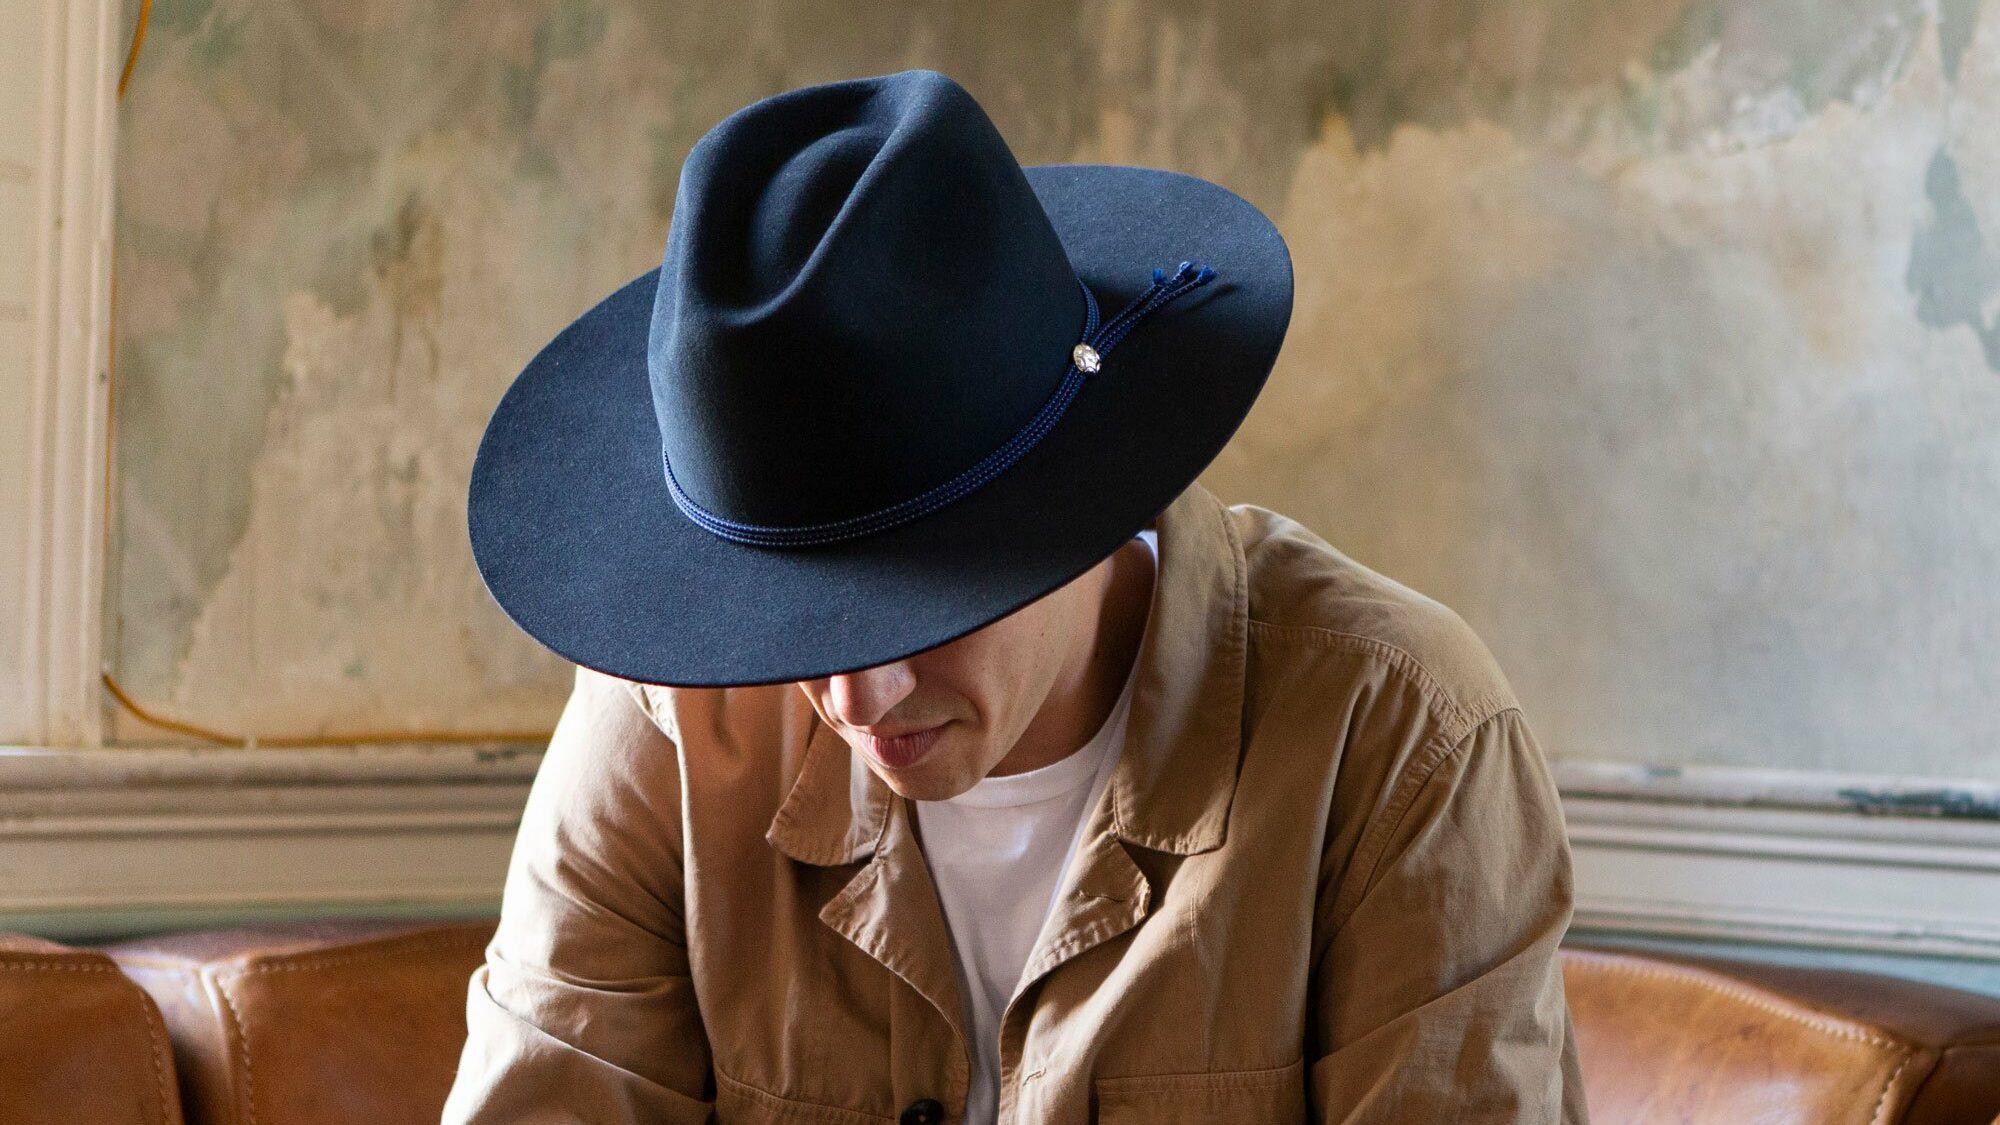 หมวกคาวบอย